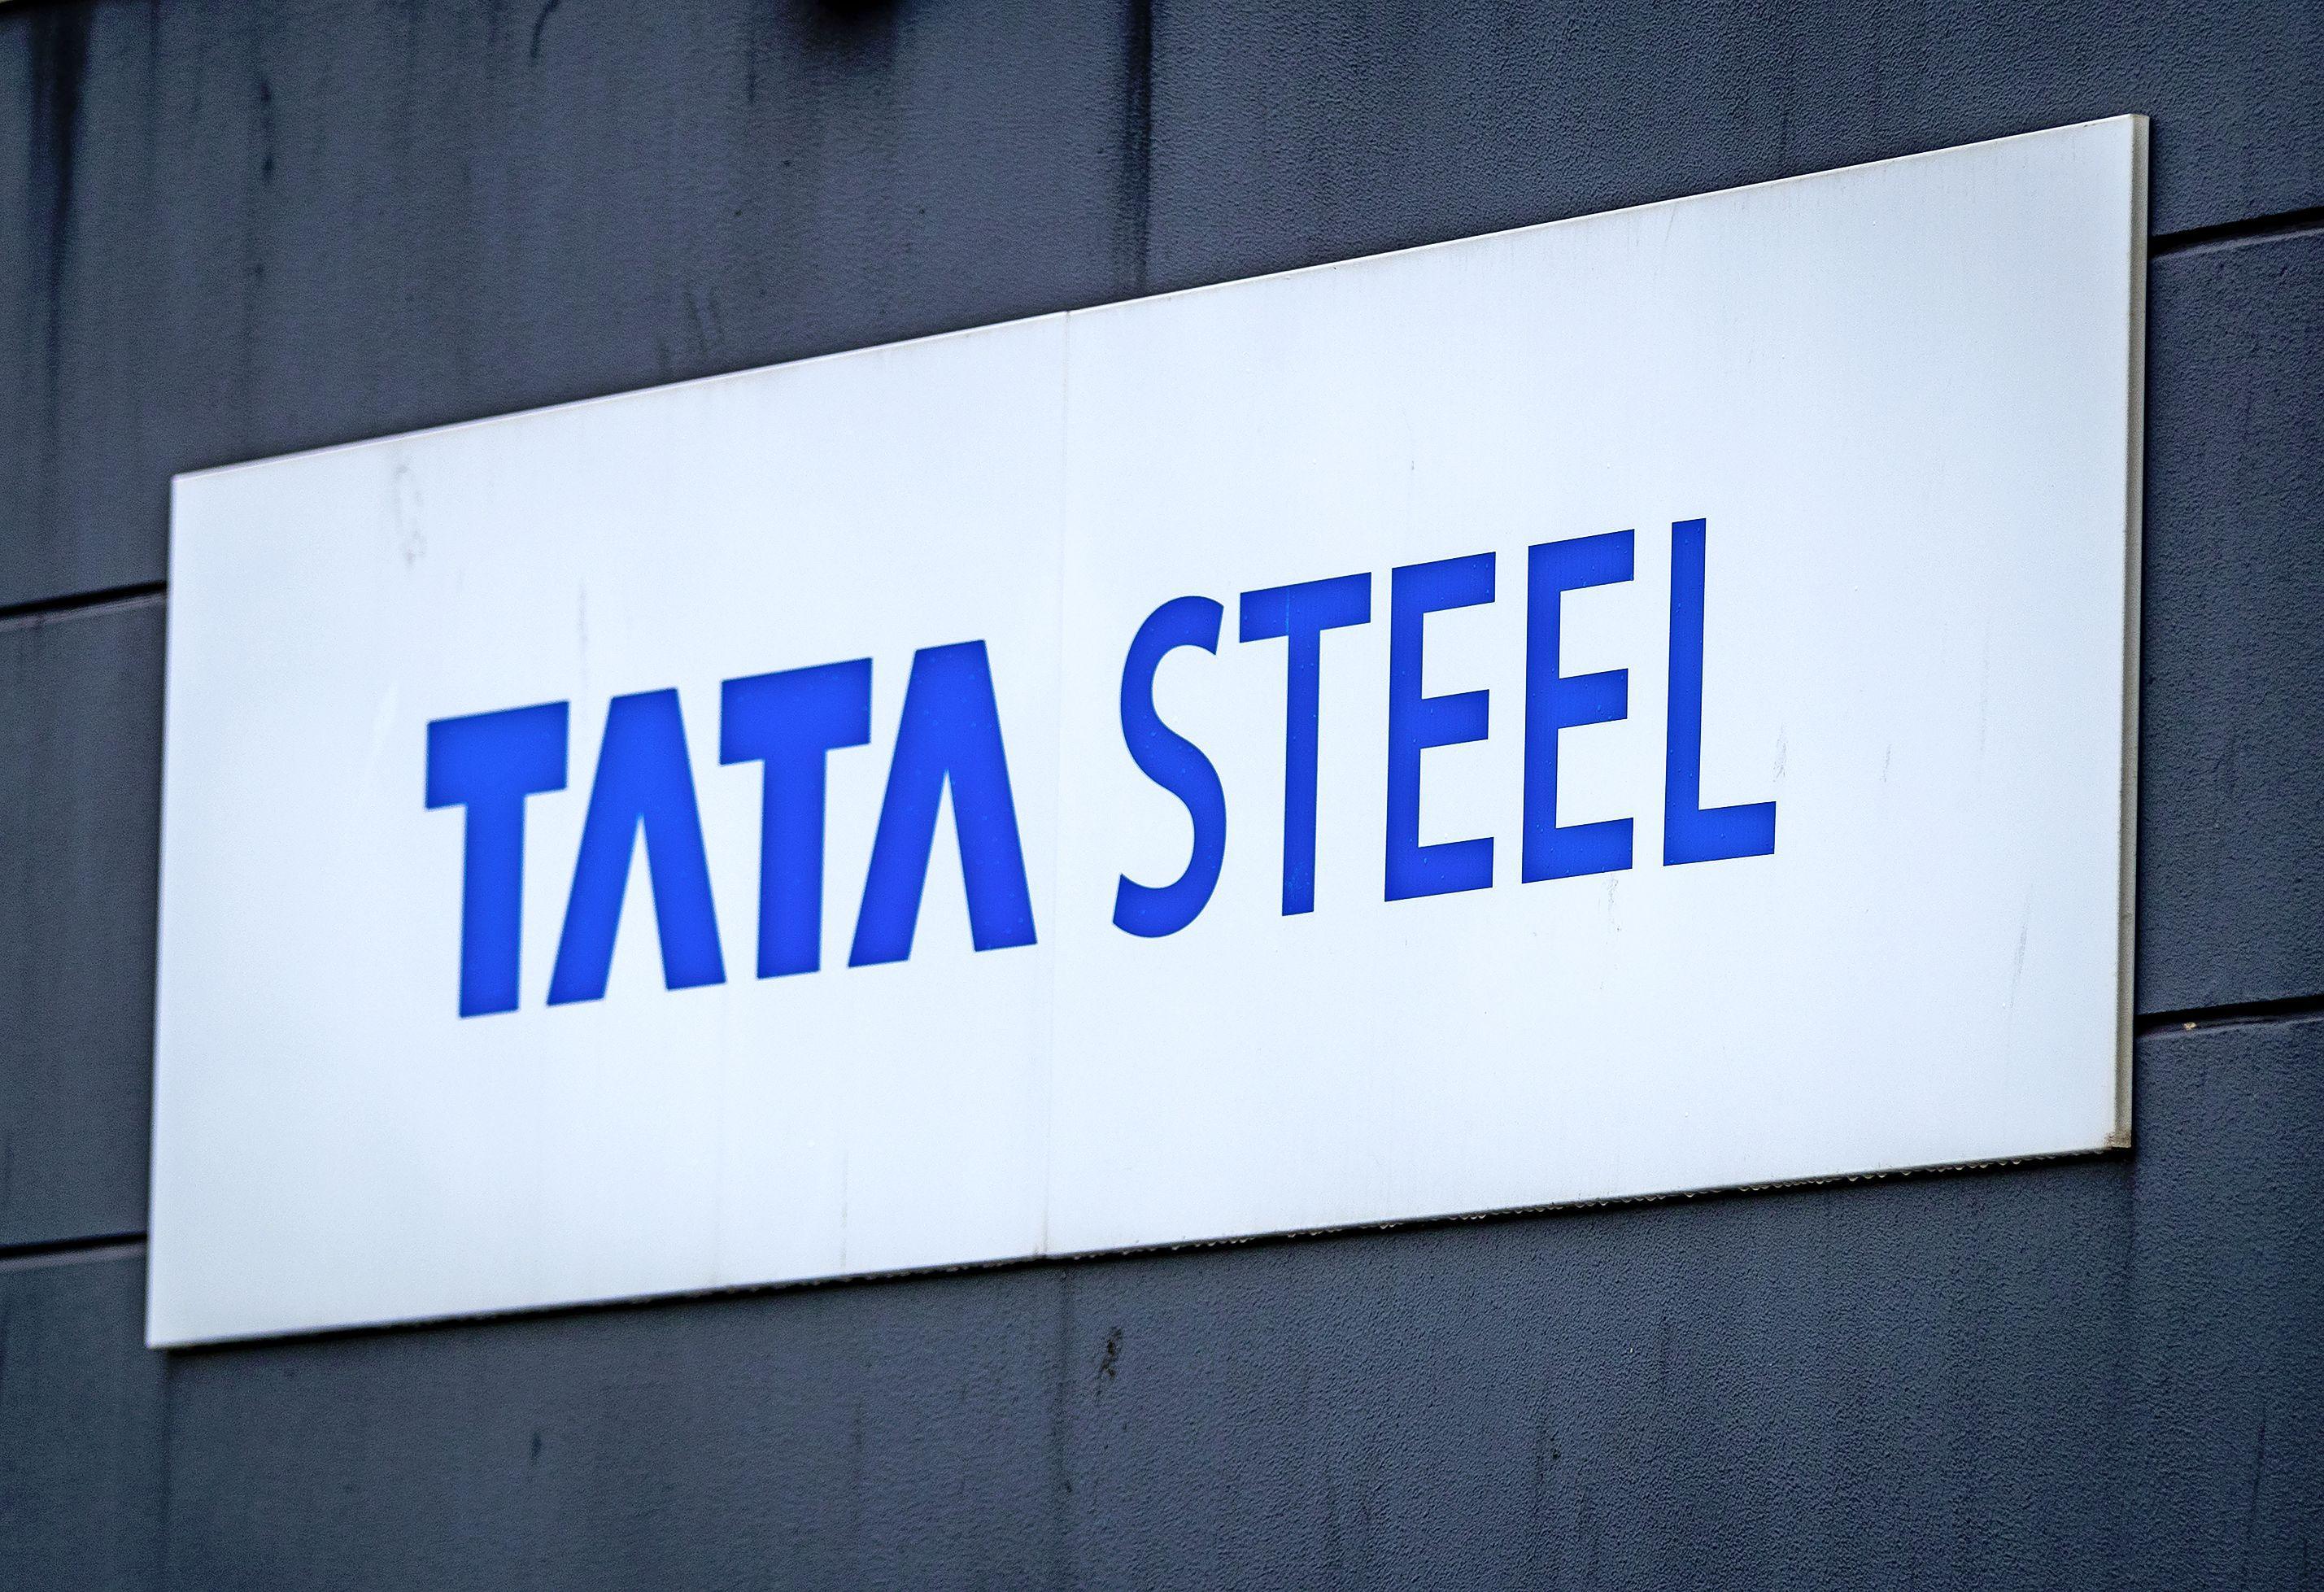 Landelijke milieugroepen zien toekomst Tata Steel anders dan de lokale milieubewegingen